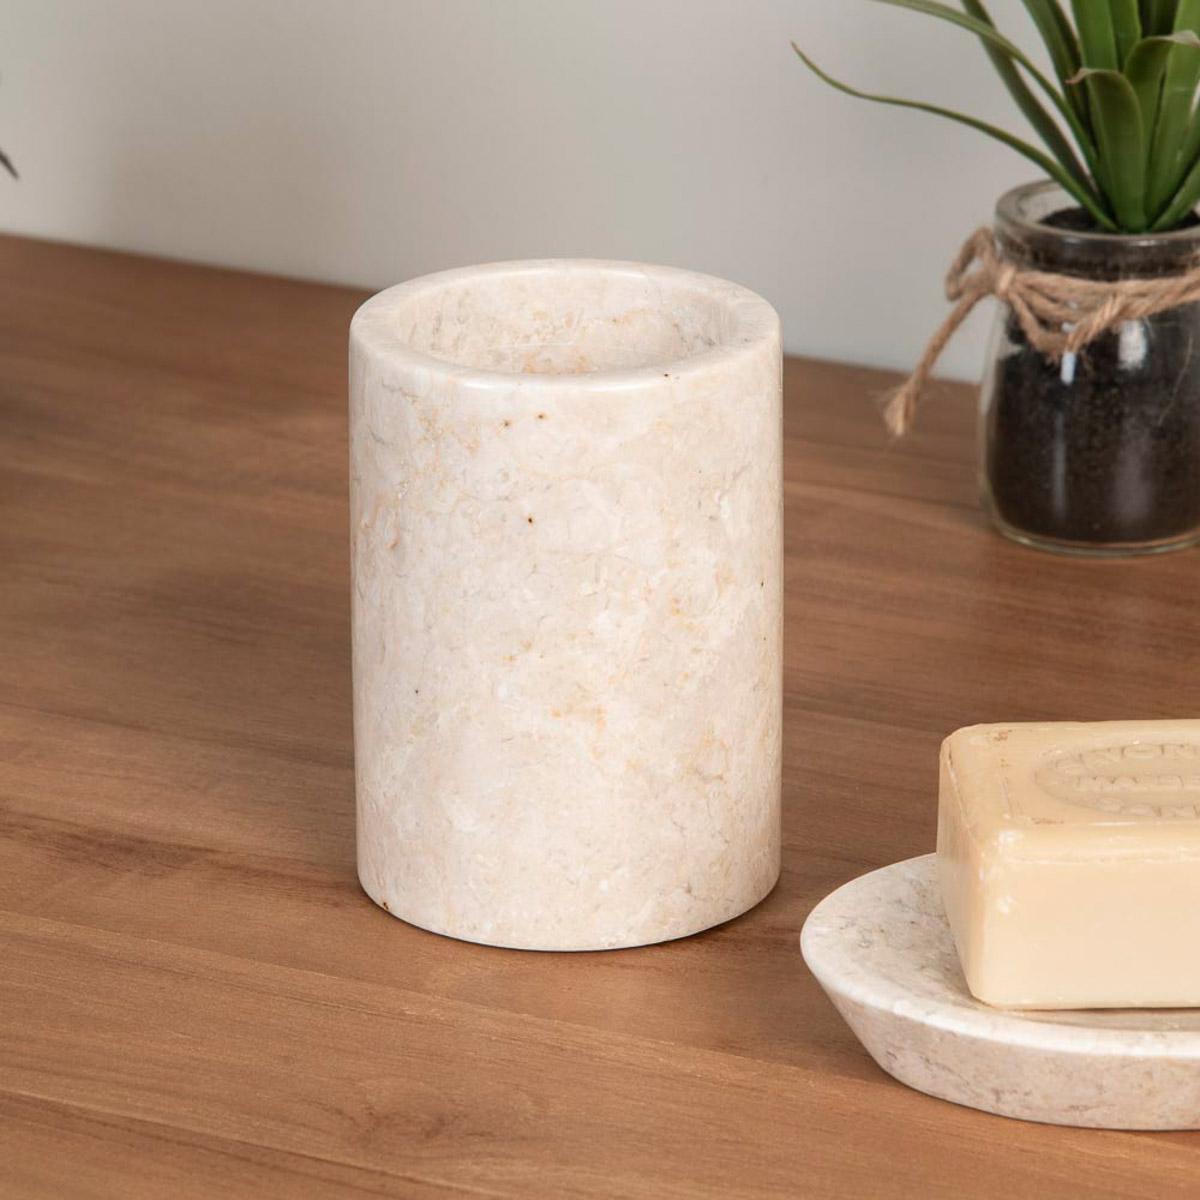 Gobelet porte savon de salle de bain en marbre cr me for Porte savon en verre